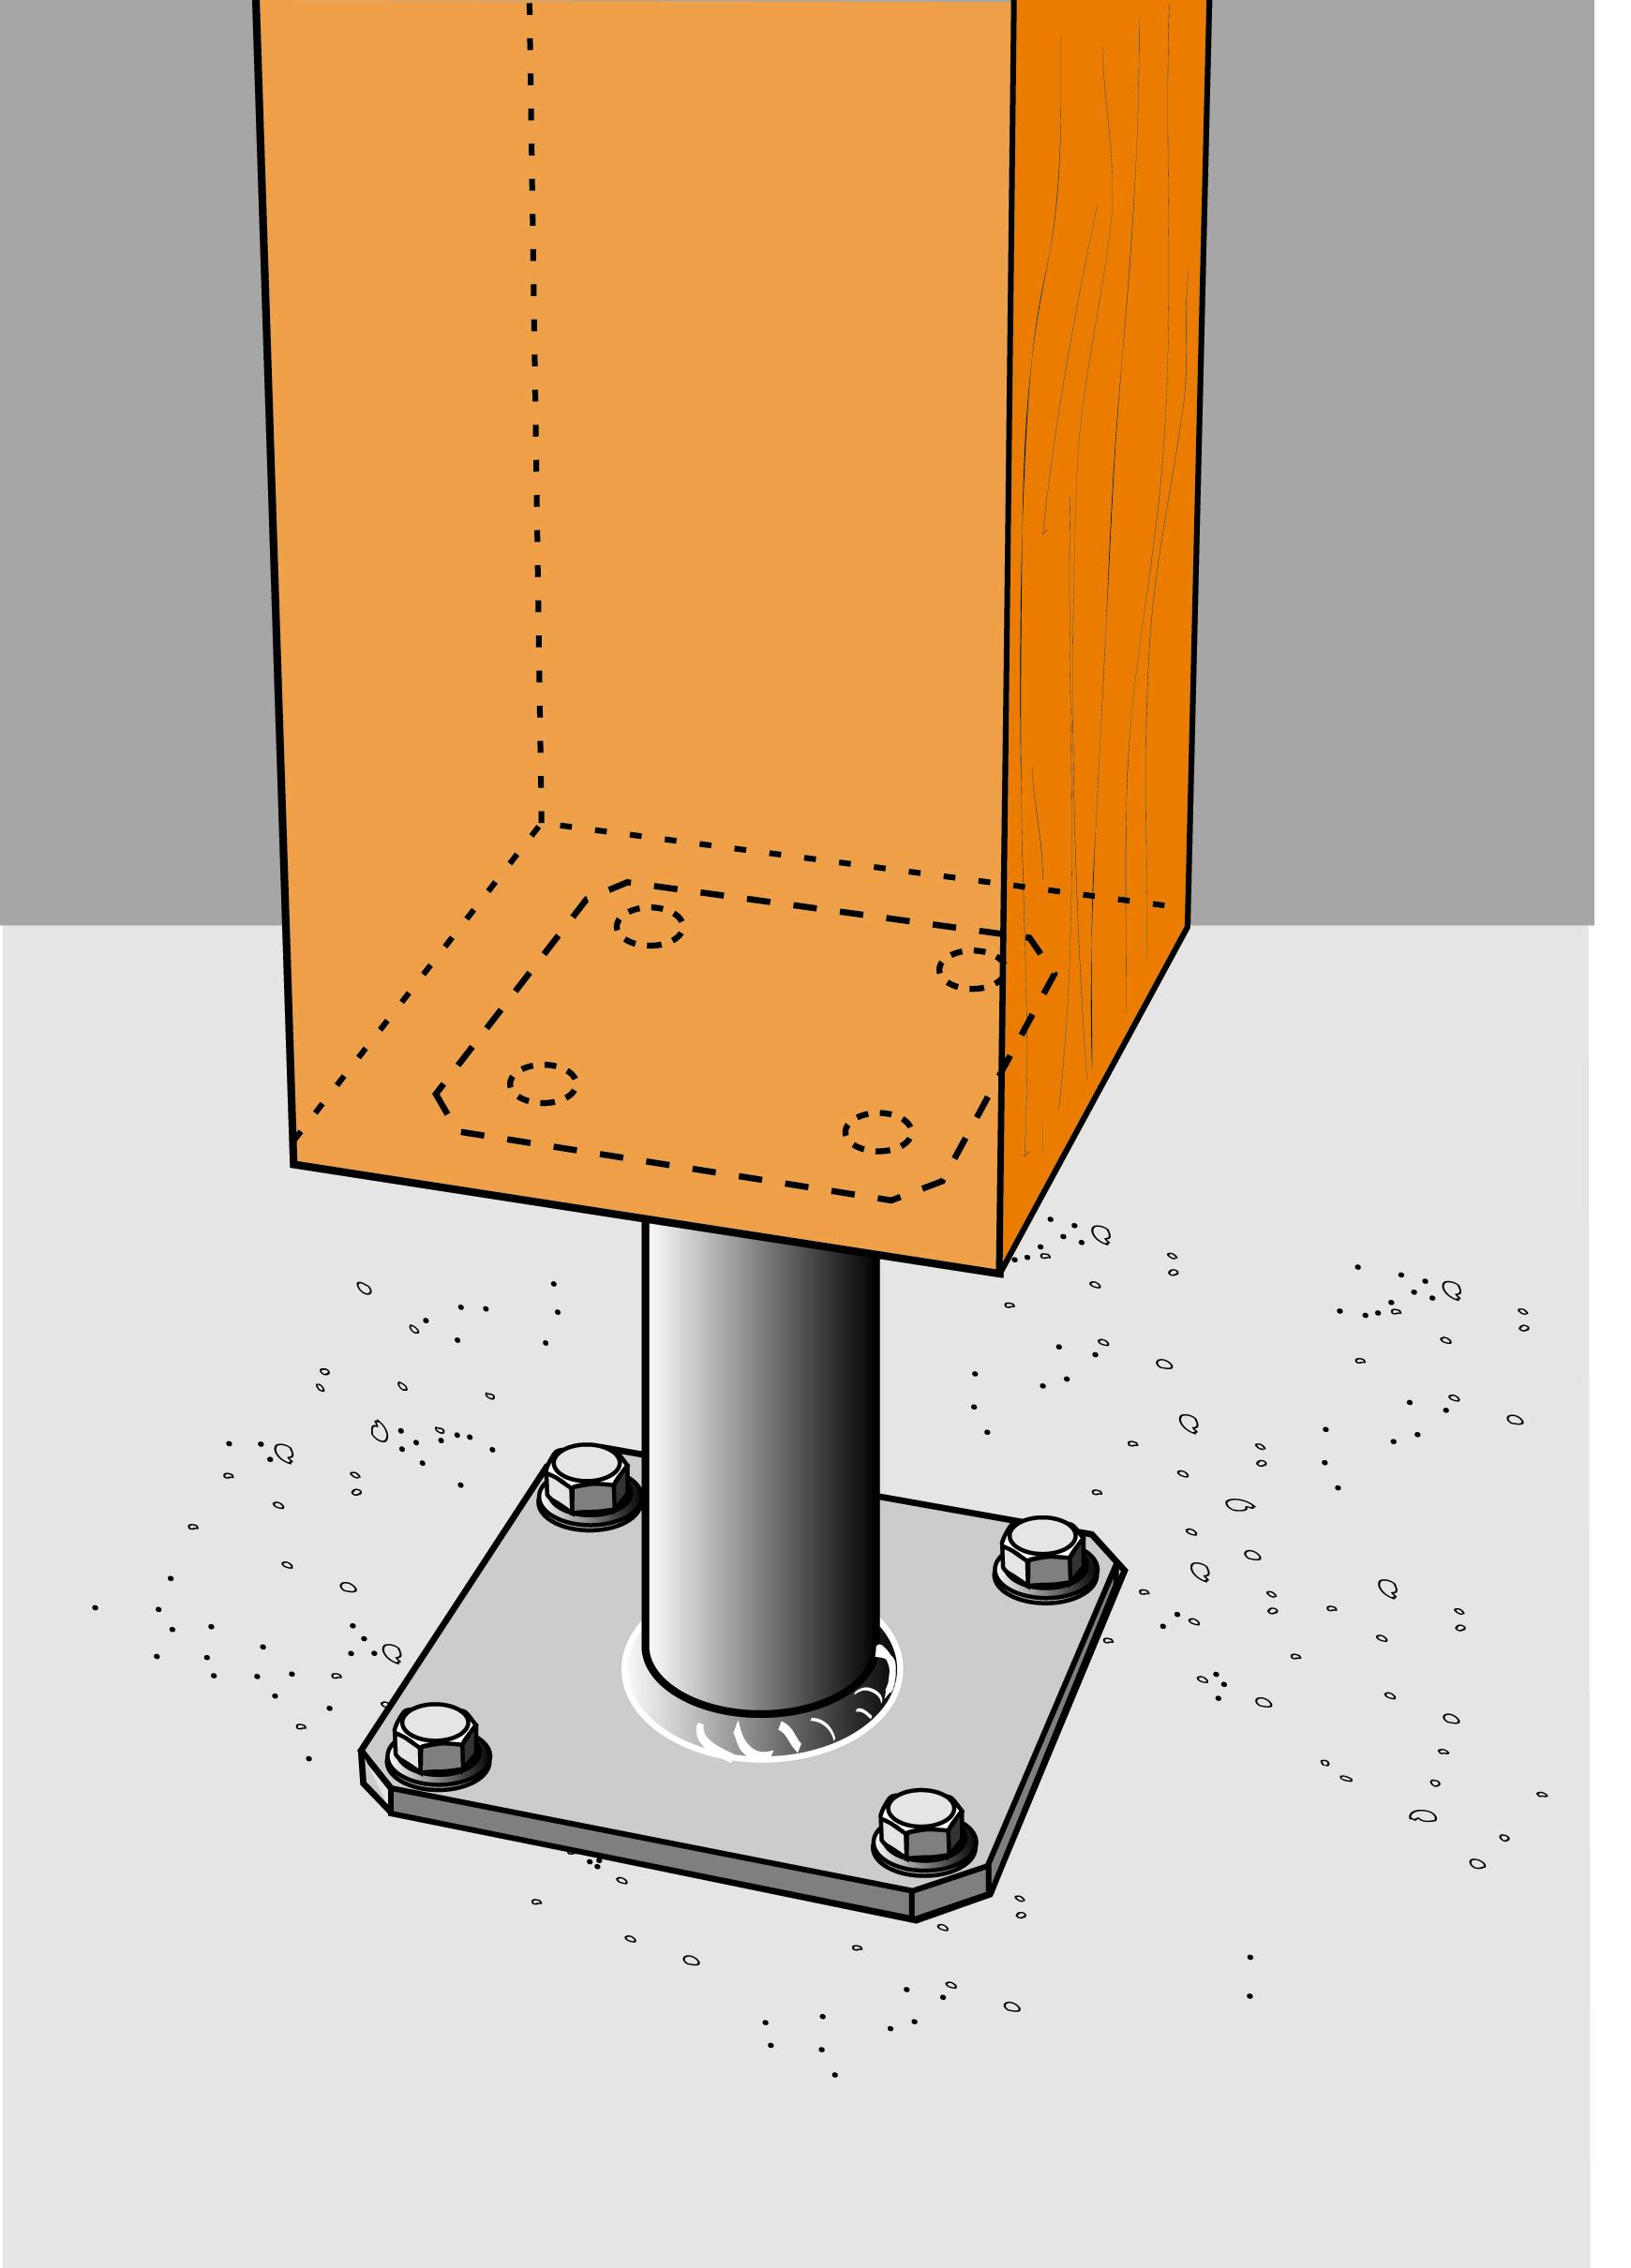 pieds de poteau fixes dimensions au choix pieds de poteaux connexions pour assemblage des. Black Bedroom Furniture Sets. Home Design Ideas